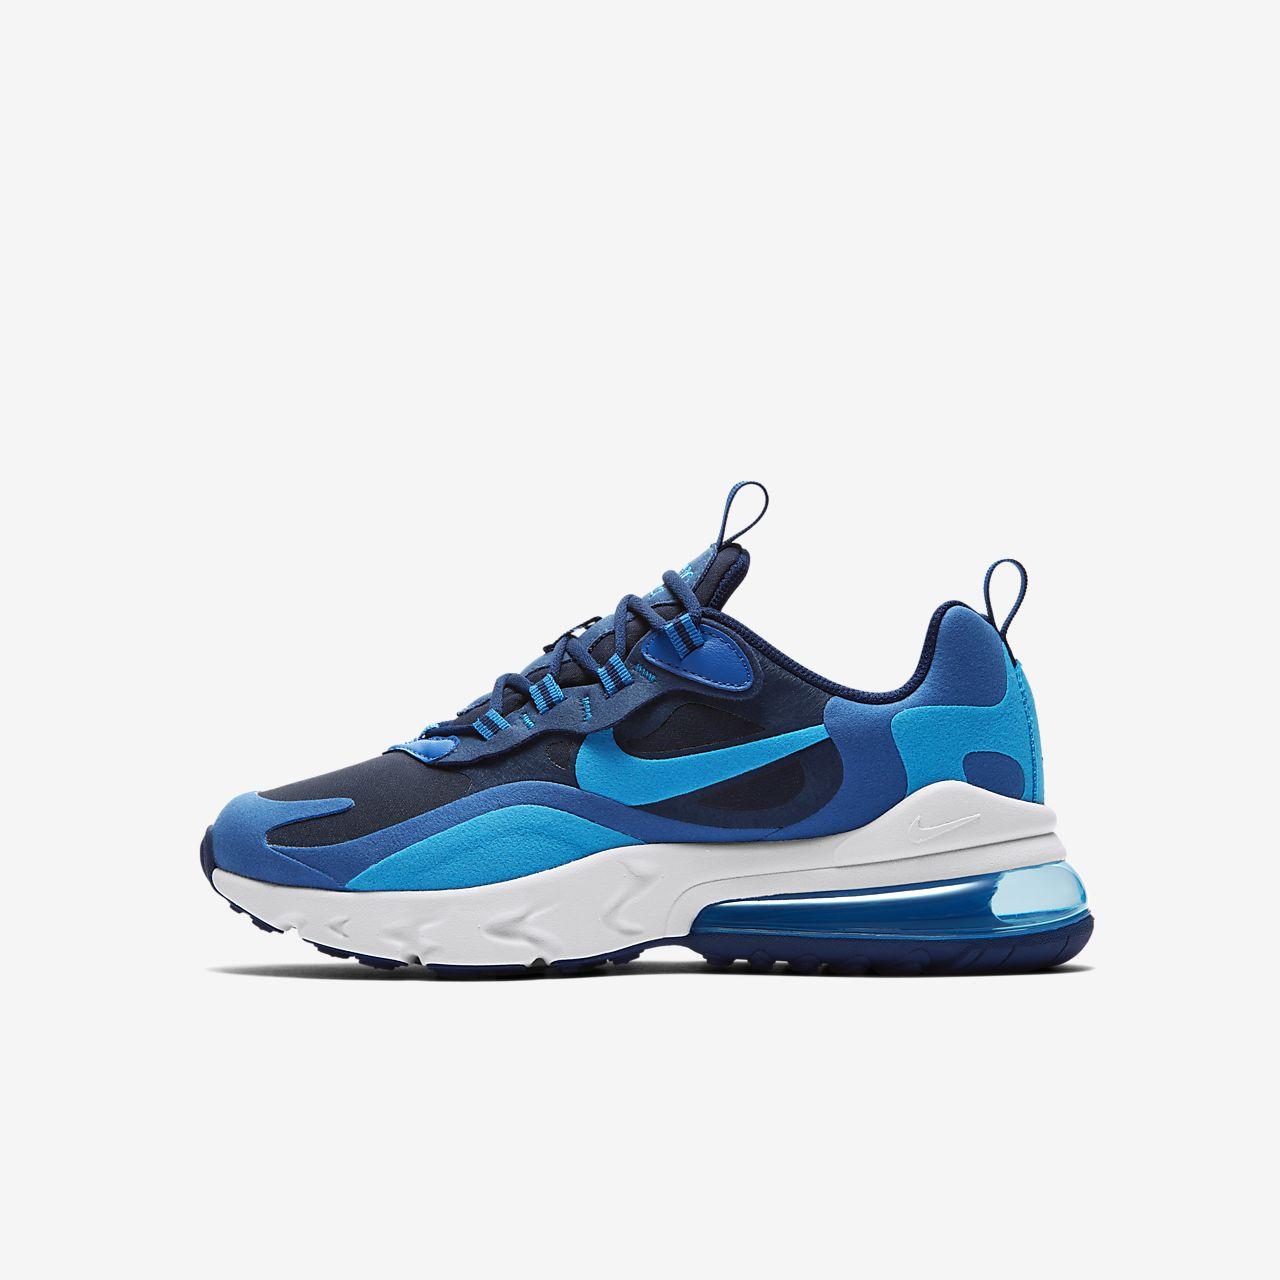 Nike Air Max 270 React-sko til store børn